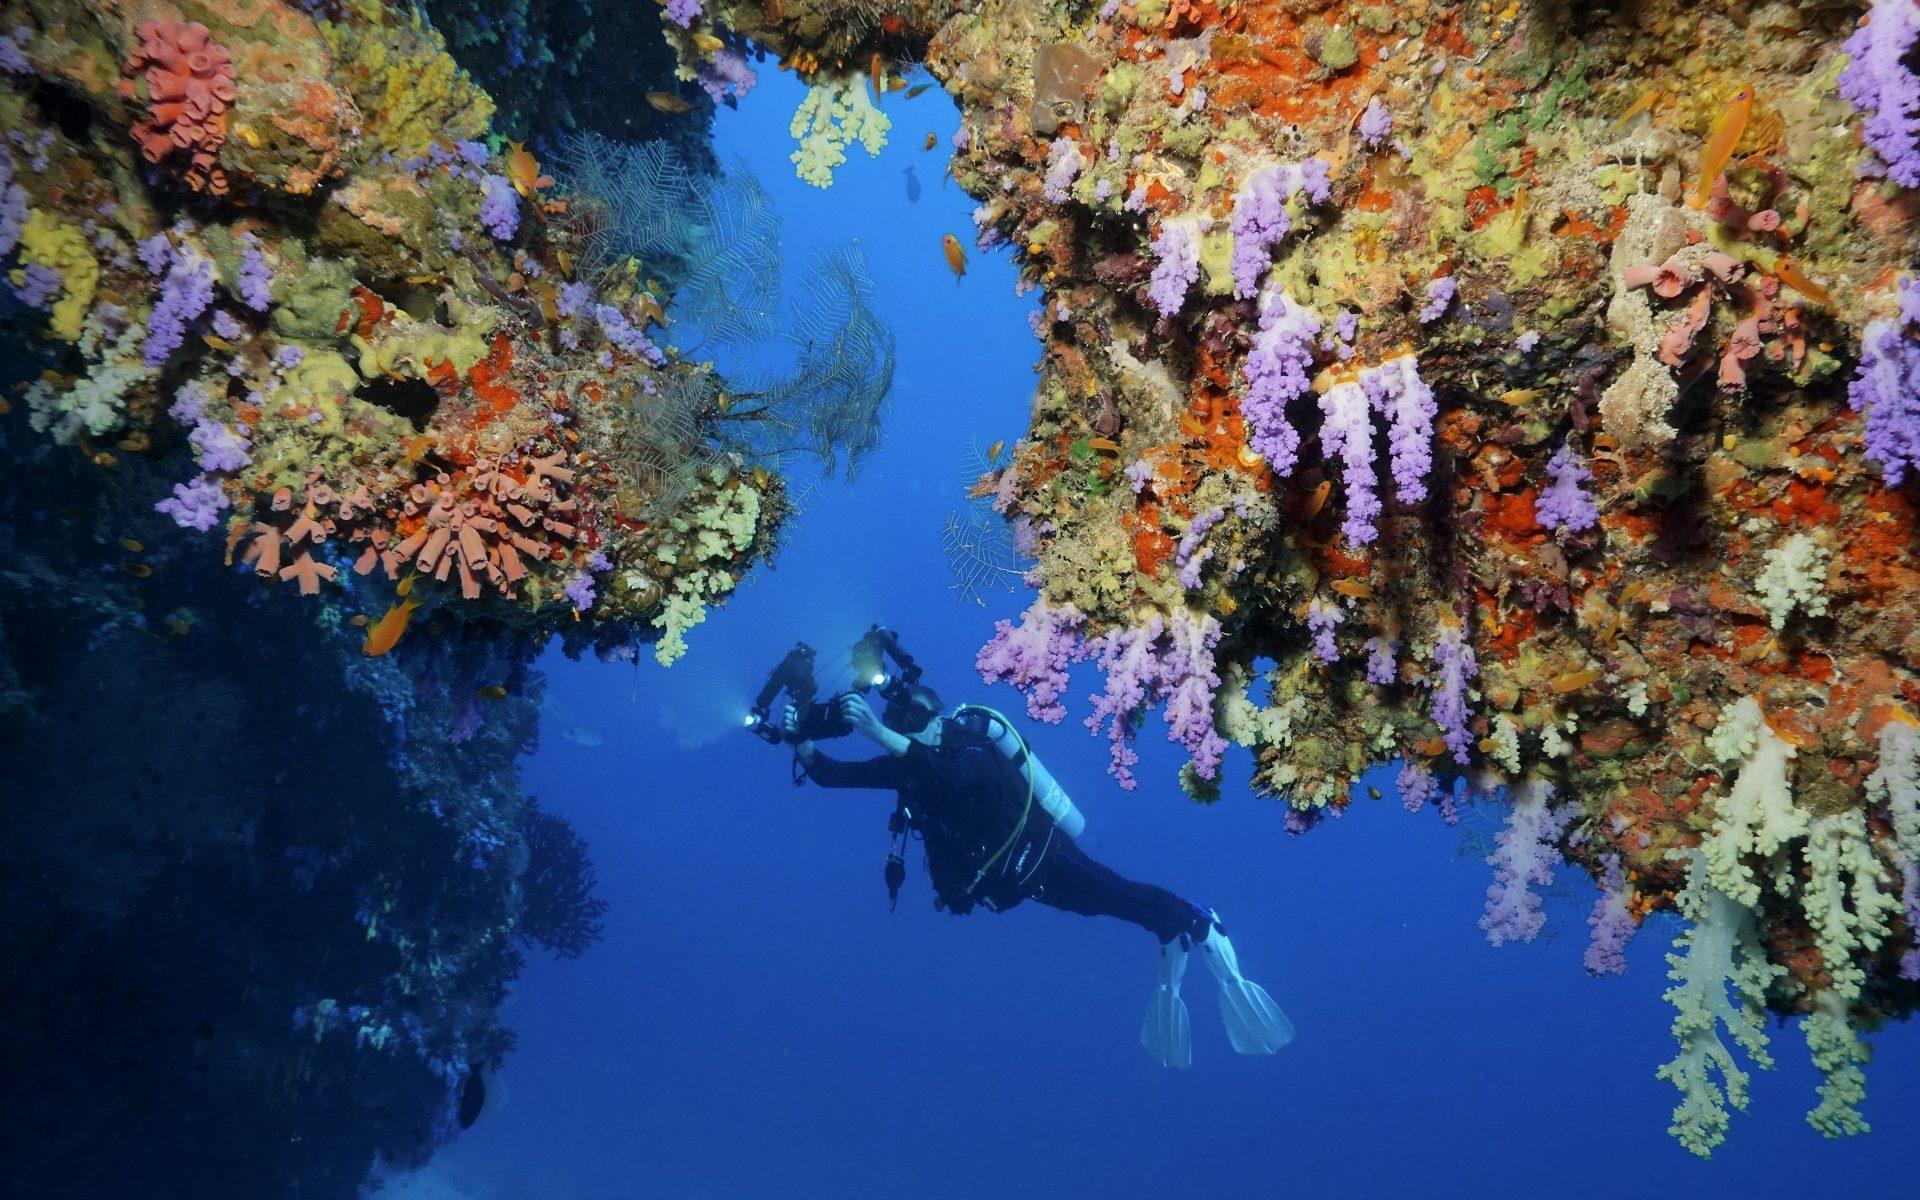 Uwe mit Unterwasser-Kamera